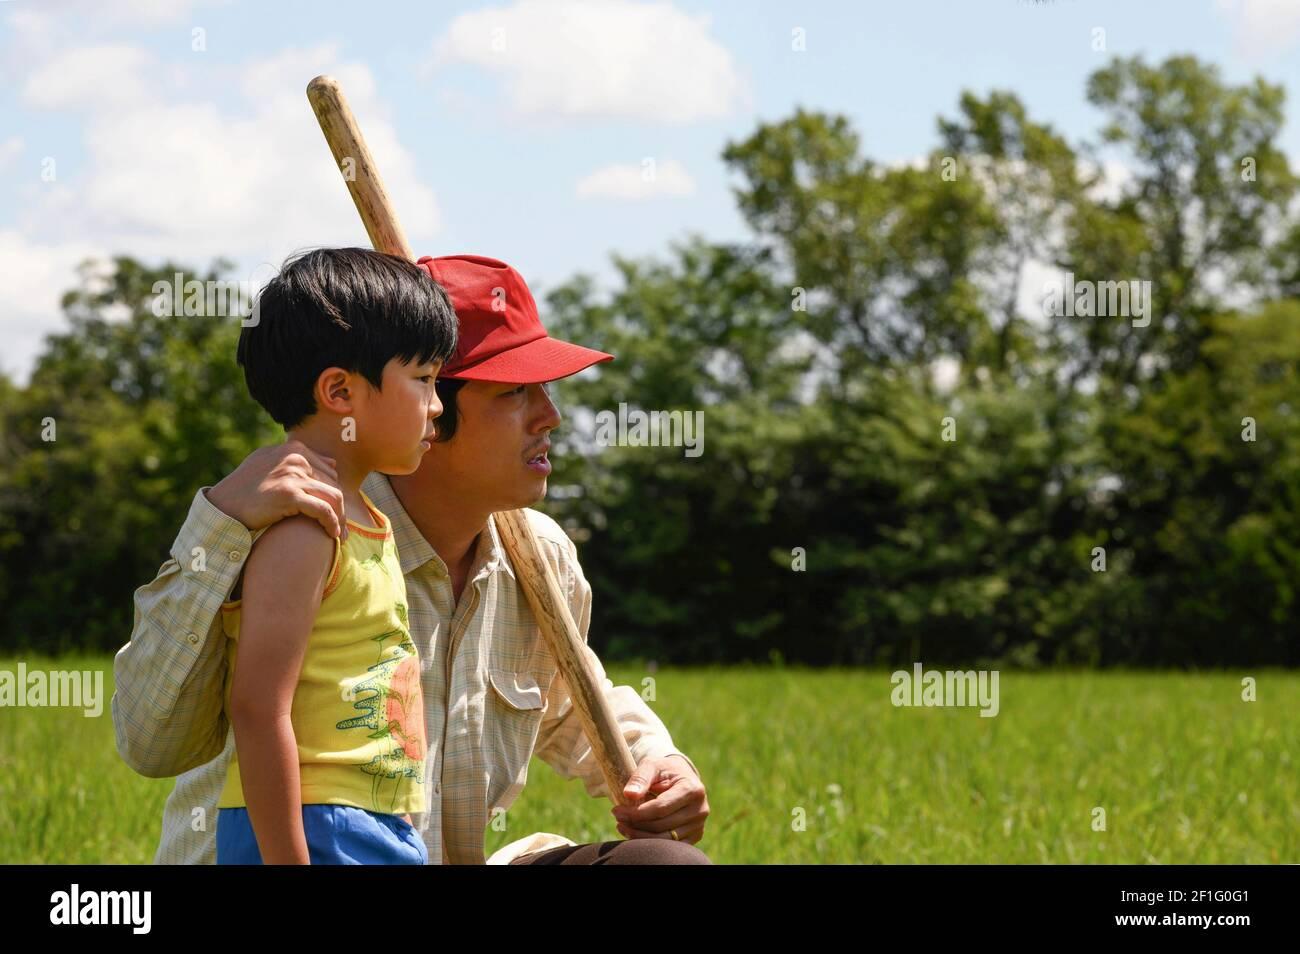 Minari (2020) unter der Regie von Lee Isaac Chung mit Steven Yeun, Yeri Han und Alan S. Kim. Eine koreanische Familie beginnt eine Farm in 1980s Arkansas. Stockfoto